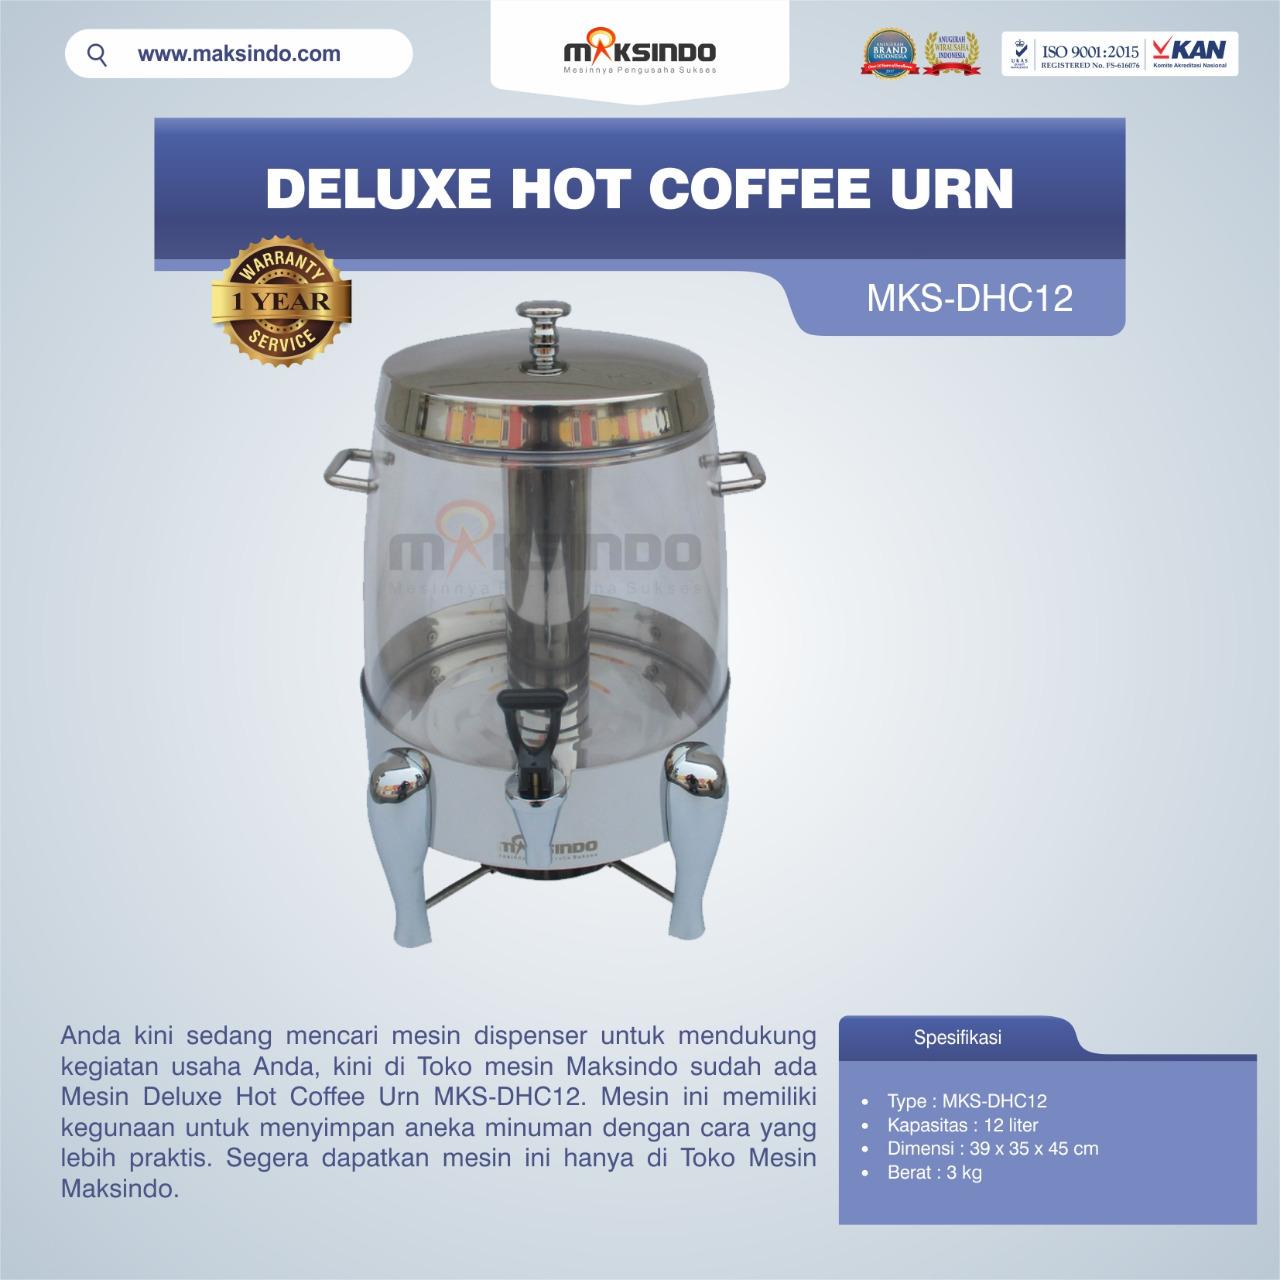 Jual Deluxe Hot Coffee Urn MKS-DHC12 di Bekasi